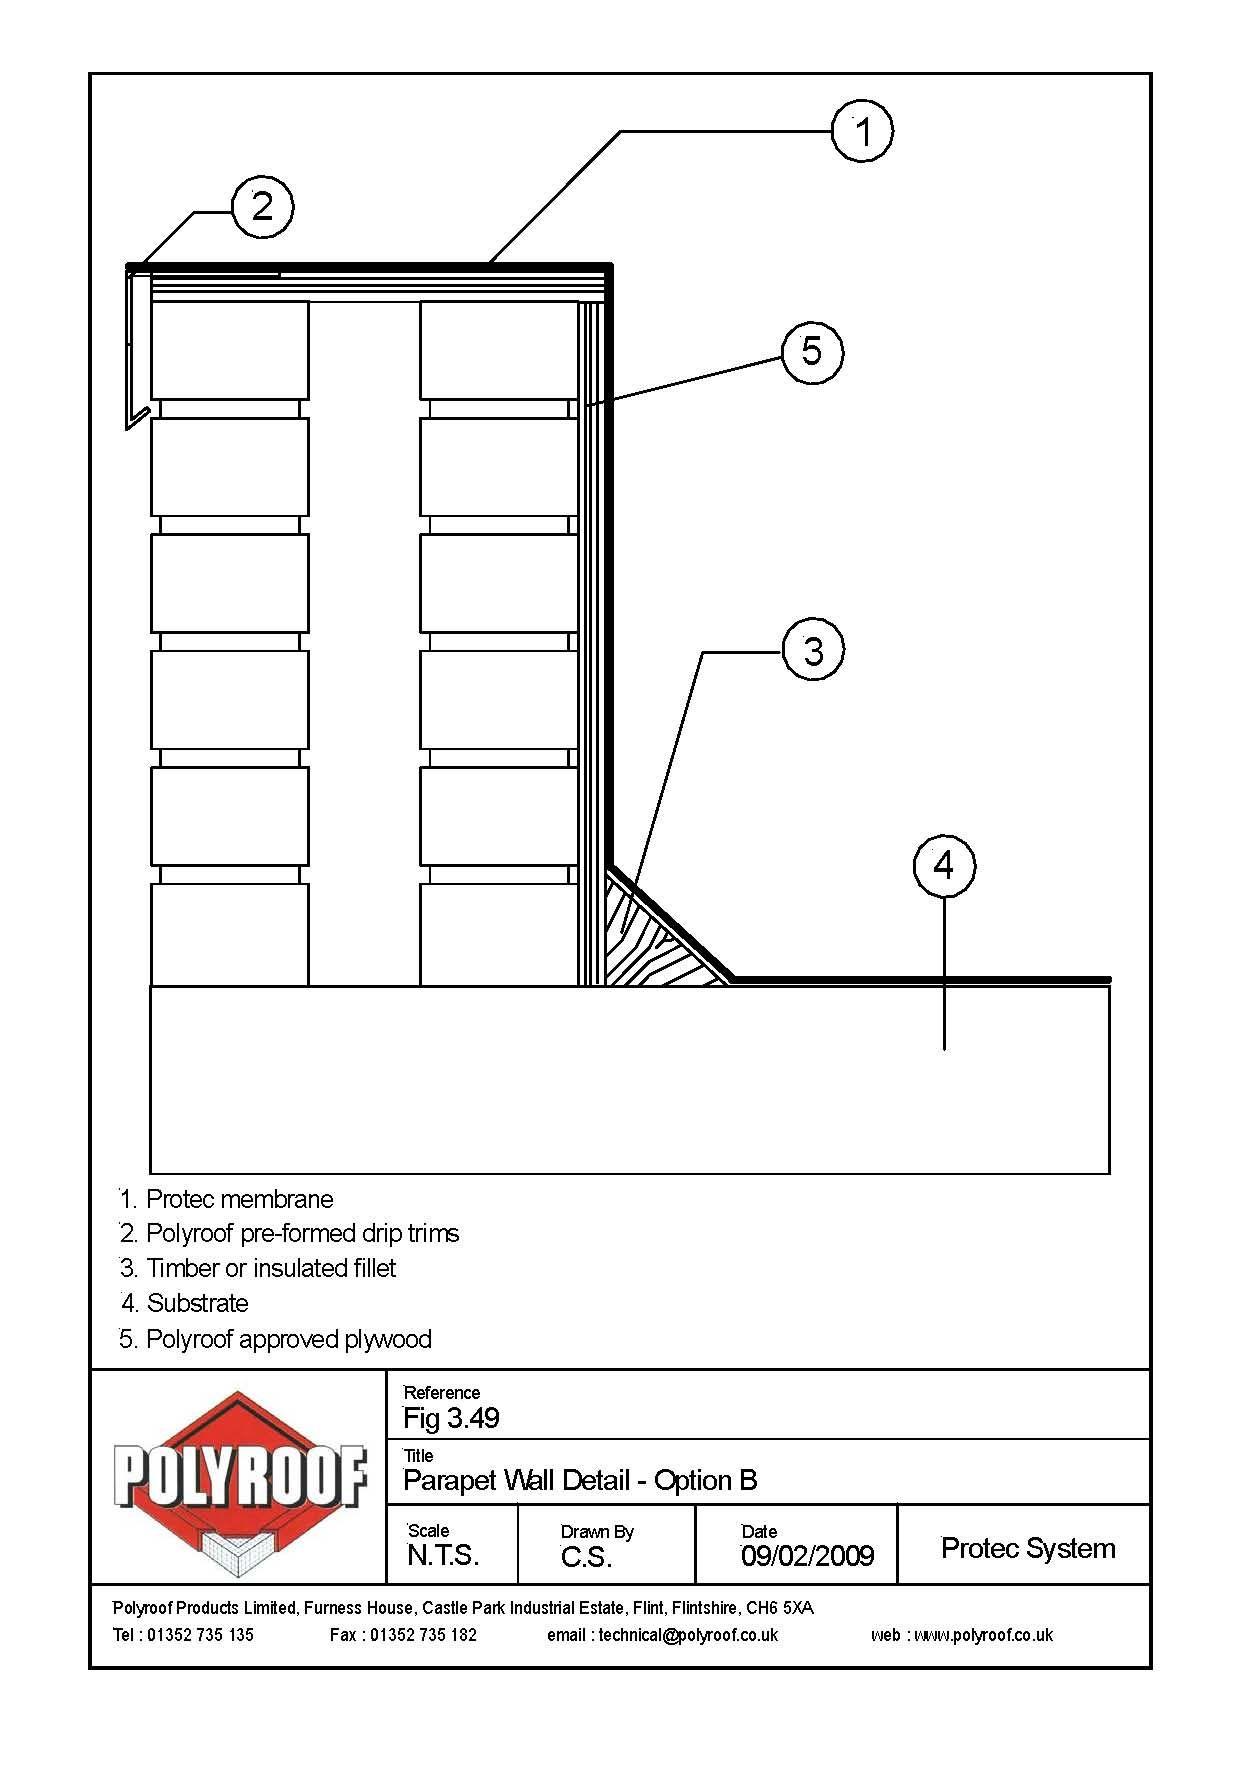 Typical Parapet Wall Detail Parapet Architecture Details Flat Roof